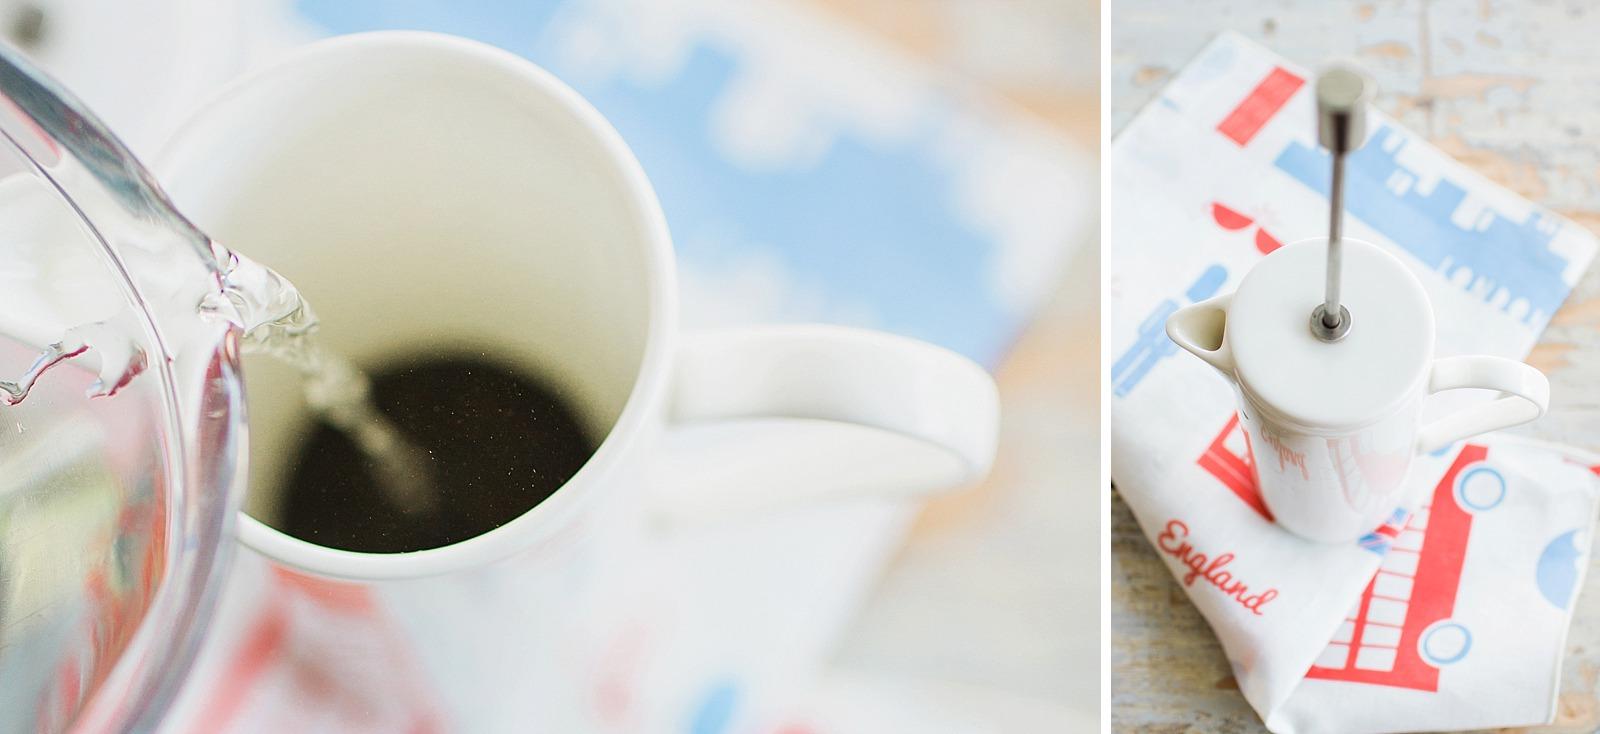 make-teaspressa-london-fog-easy-tea_0007